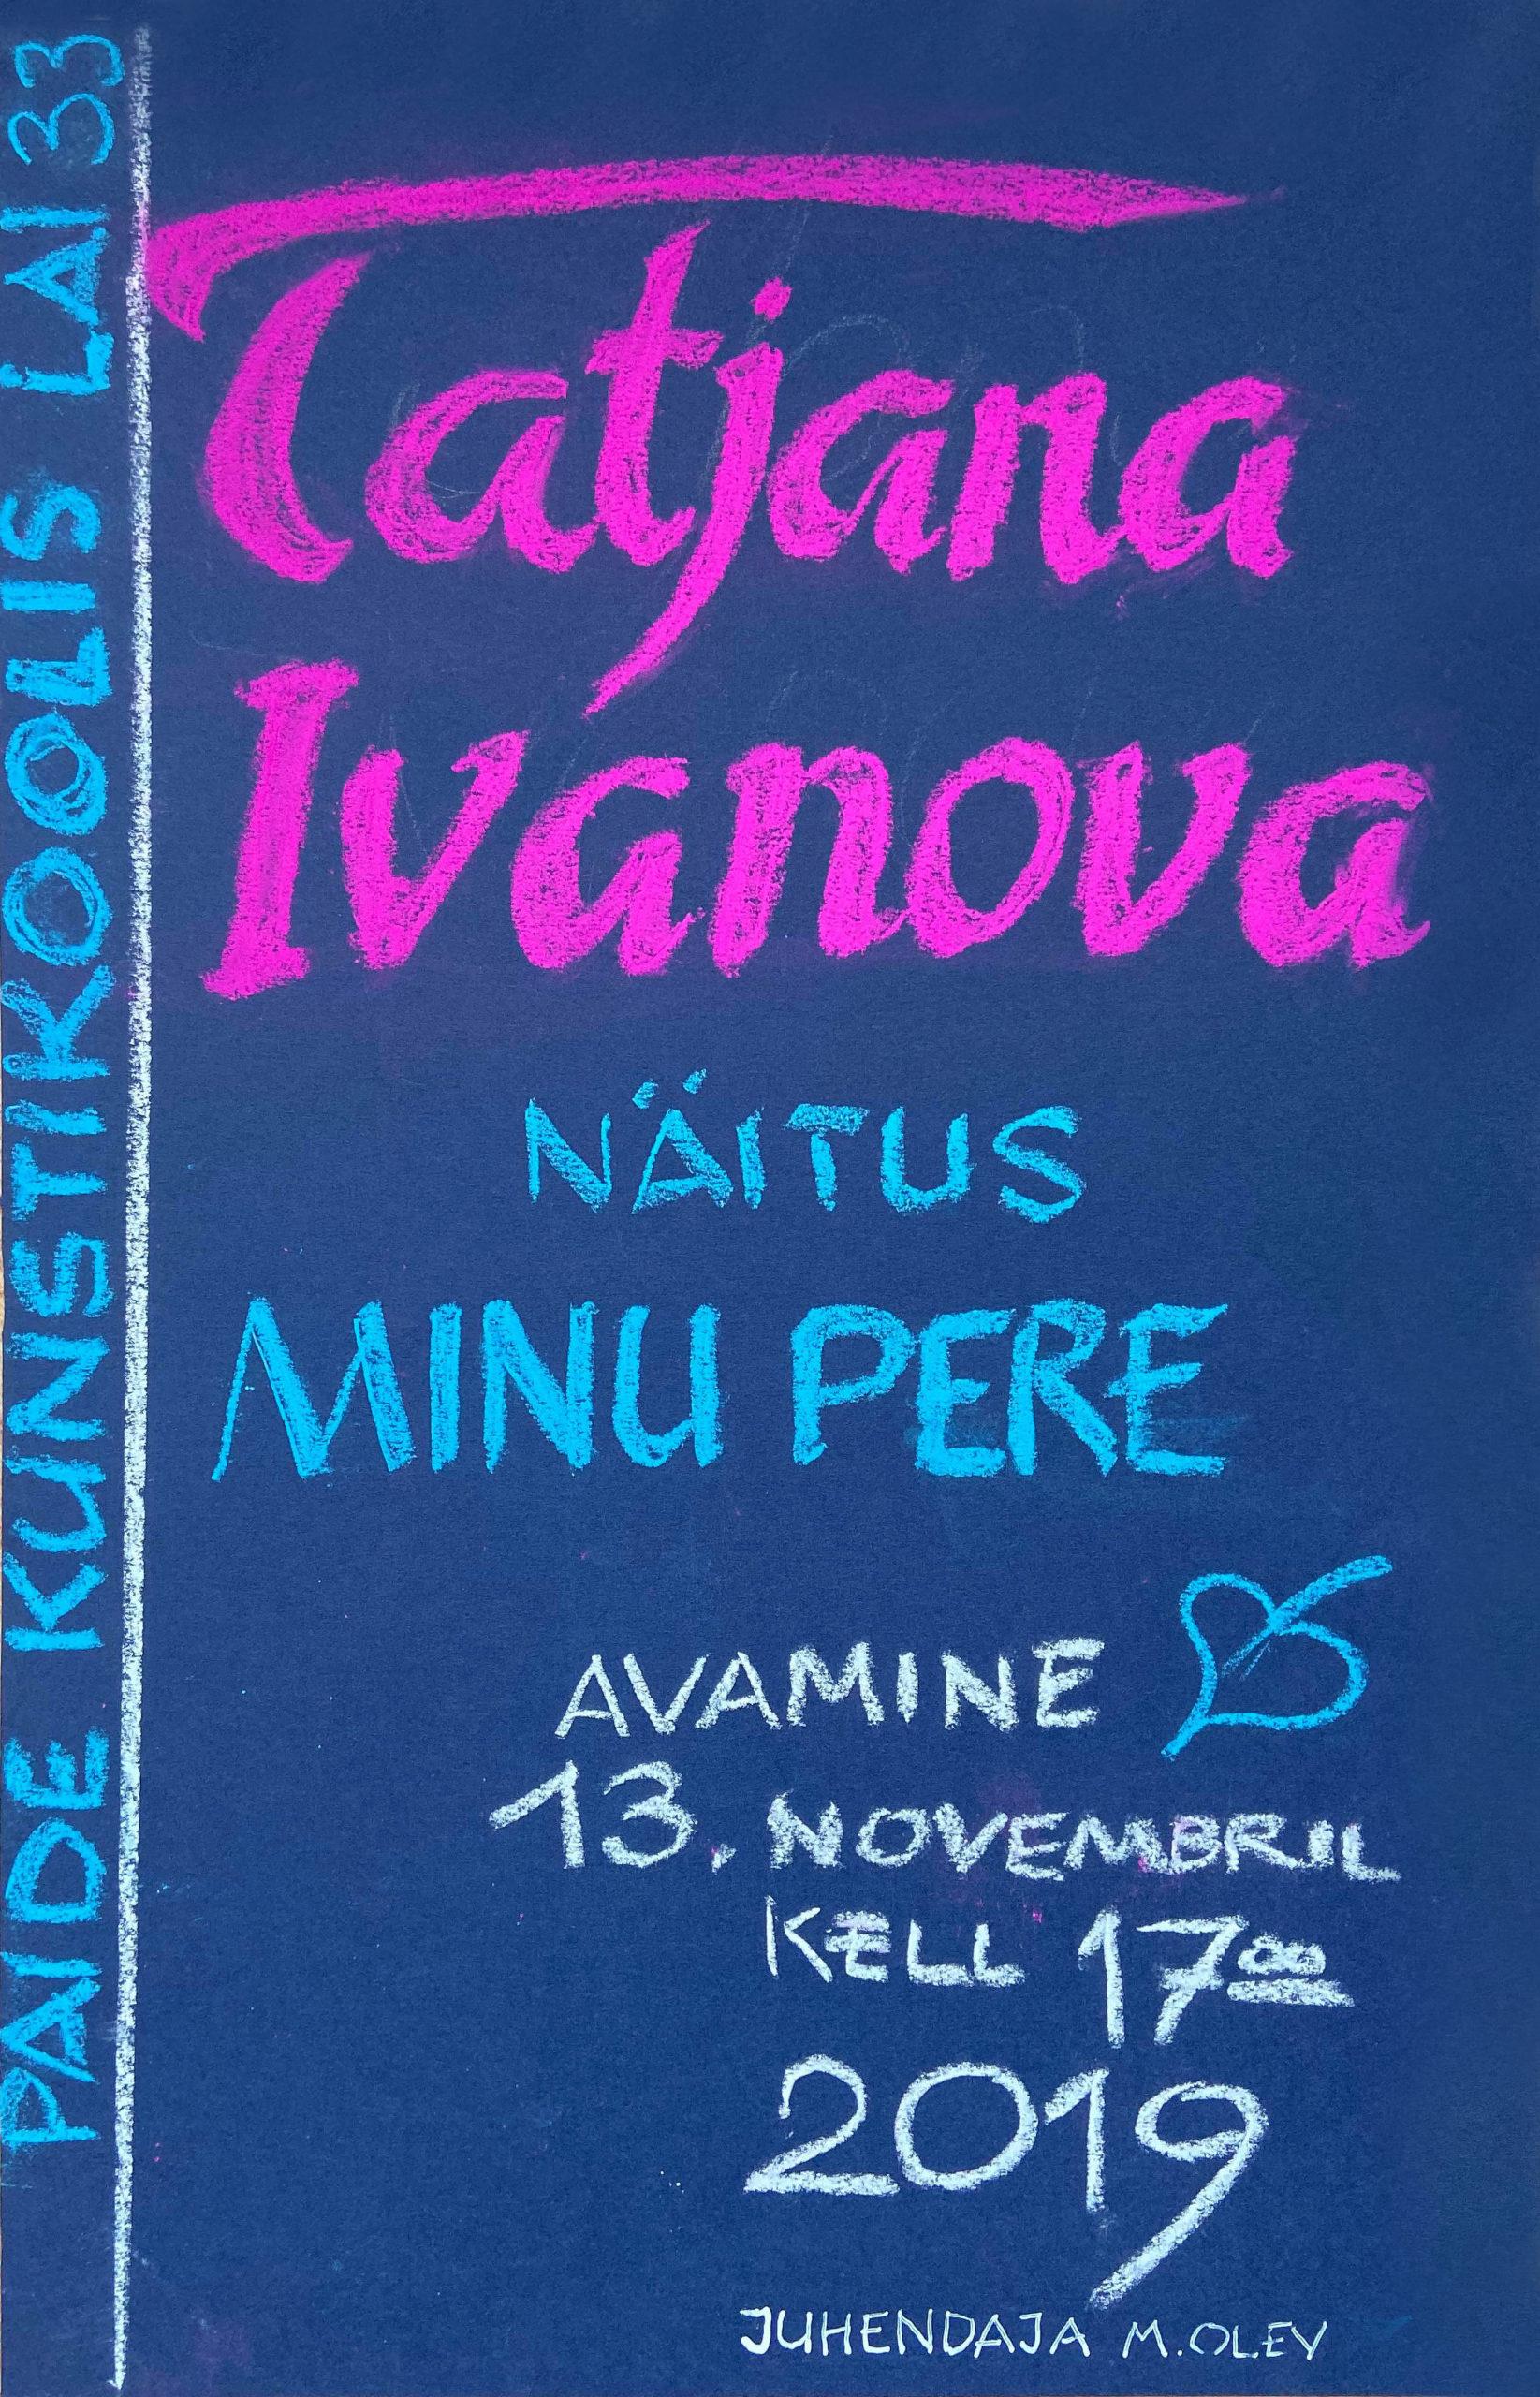 Tatjana-Ivanova_13.11.2019_FB-scaled-1